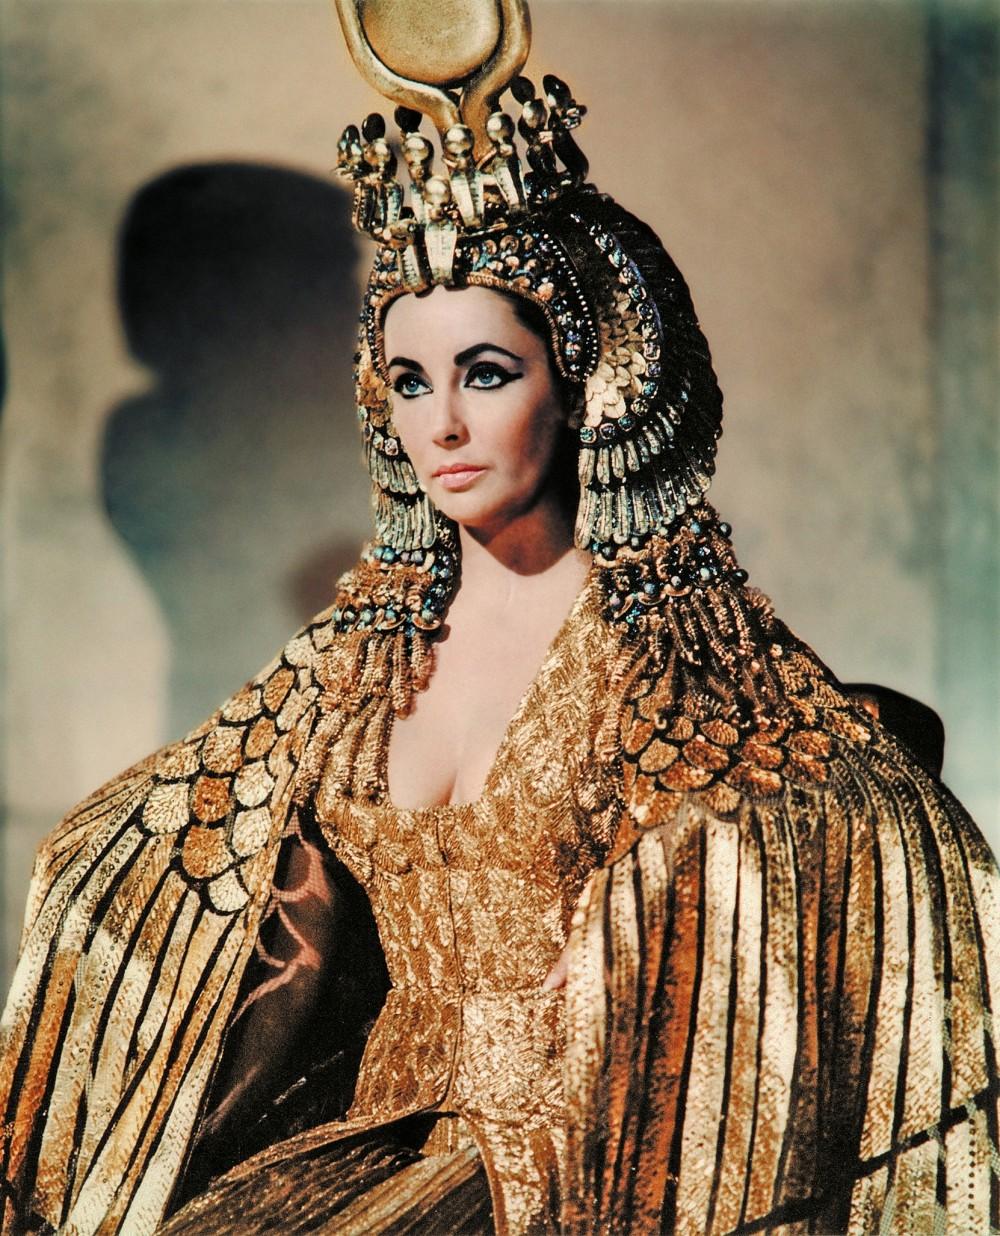 cleopatra_4-e1372944614397